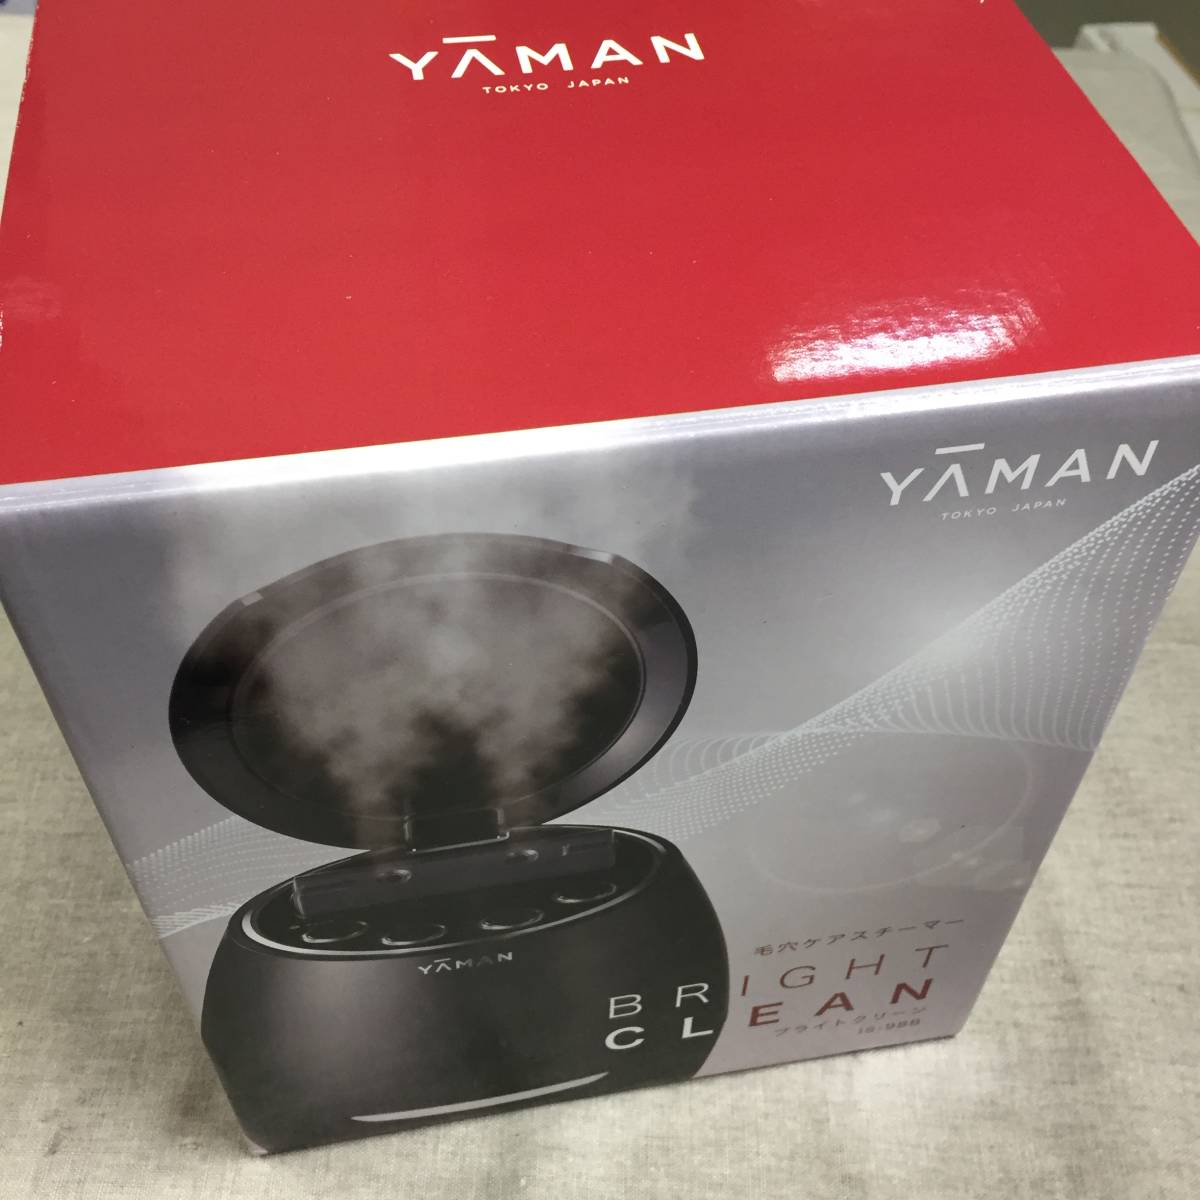 現状品 ヤーマン IS-98B 毛穴ケアスチーマー ブライトクリーン